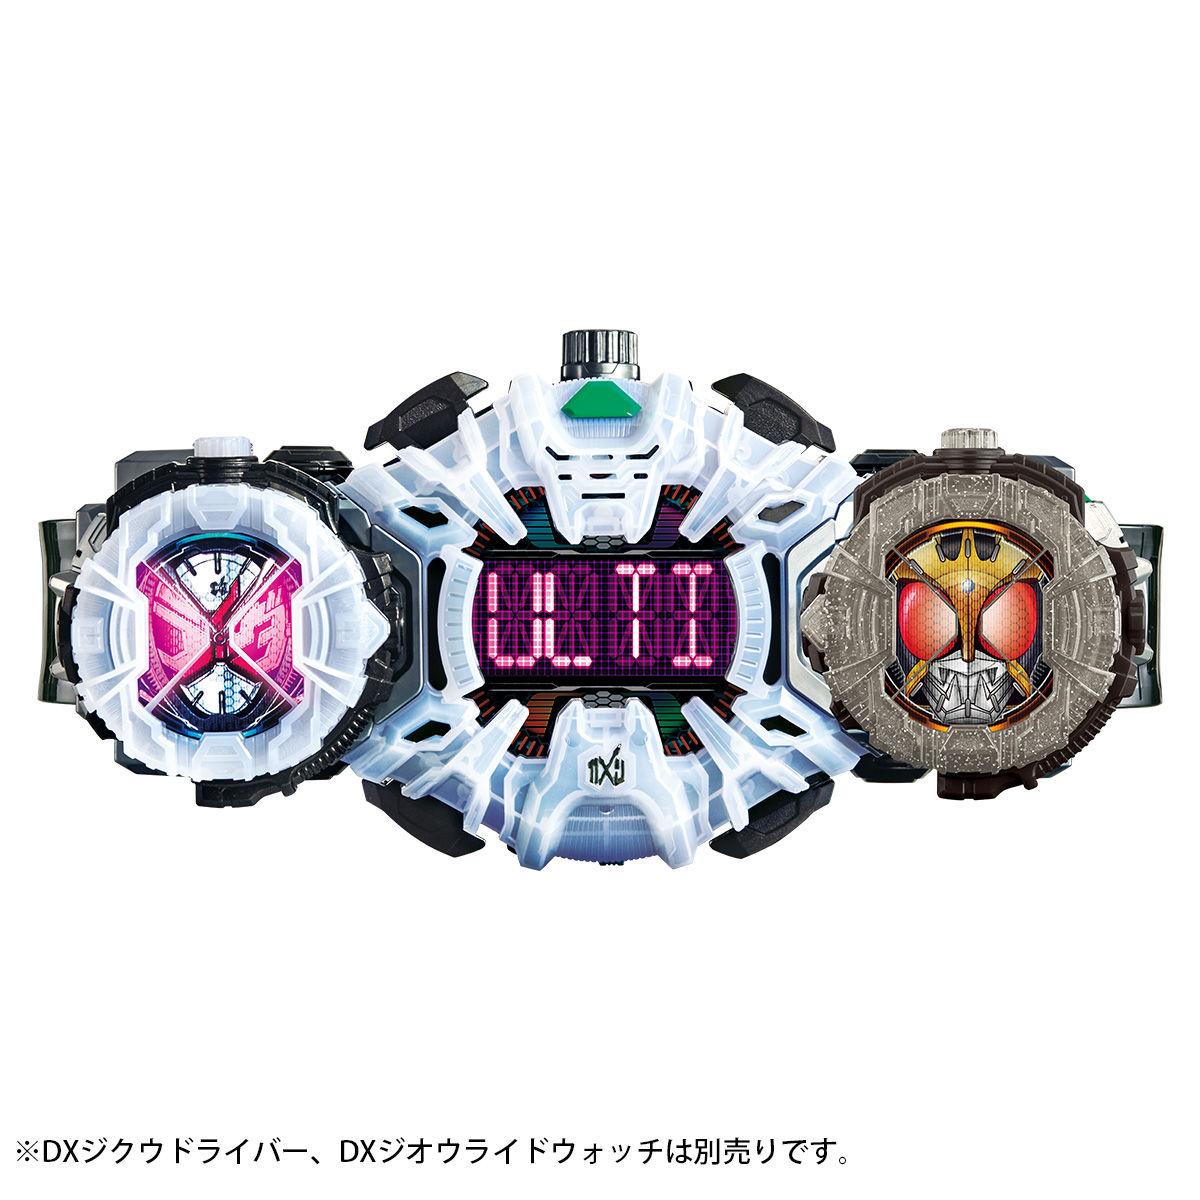 仮面ライダージオウ『DXライドウォッチセットVOL.1』変身なりきり-006